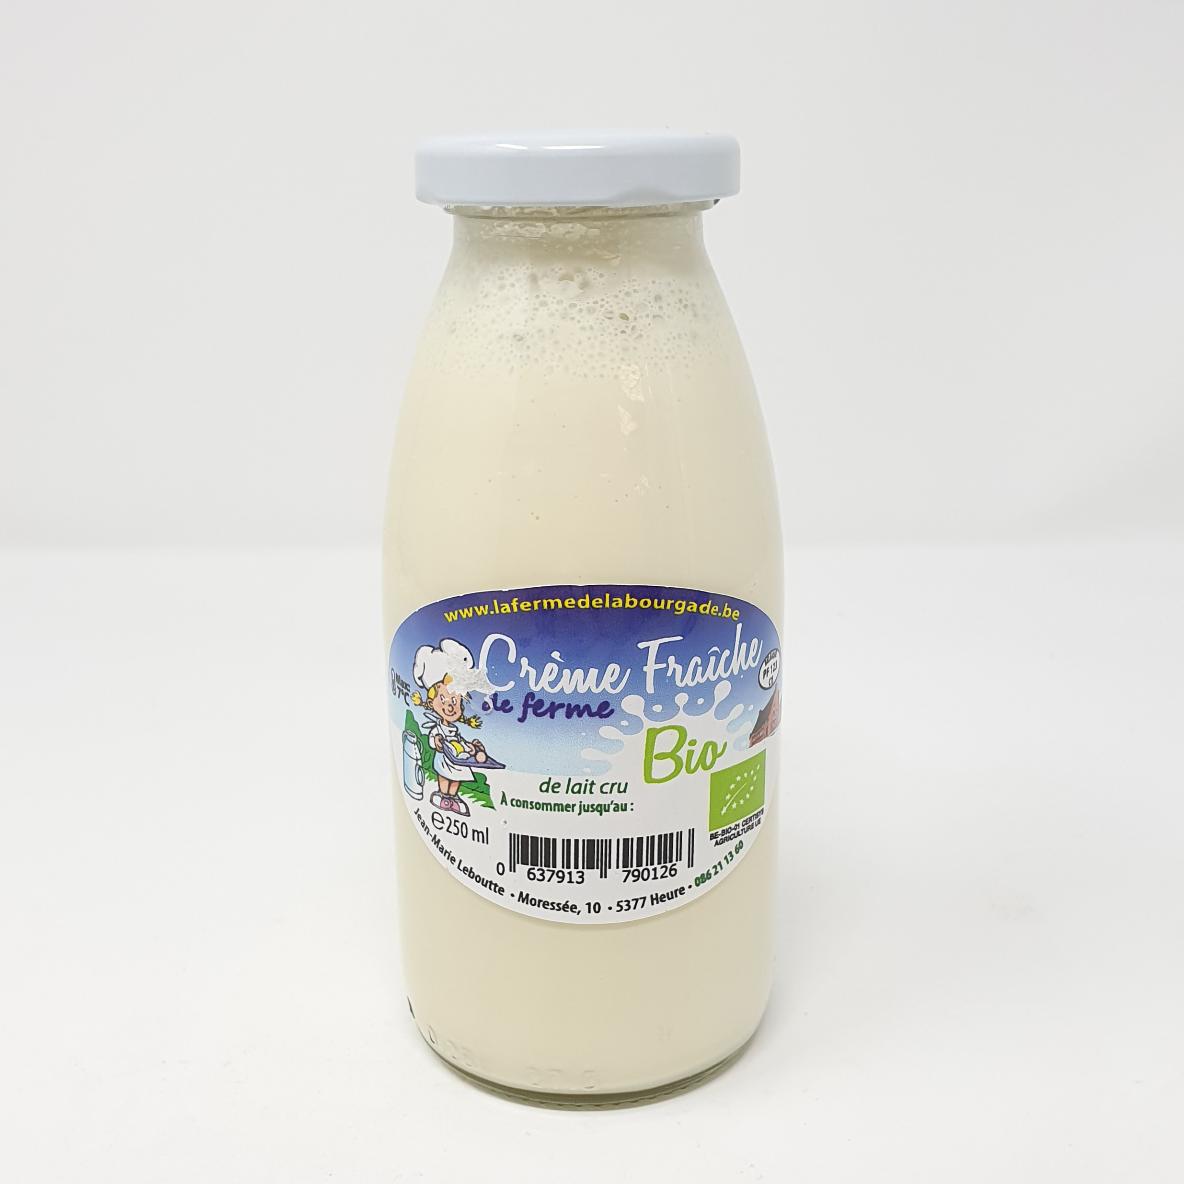 Crème fraiche bourgade bio 25cl